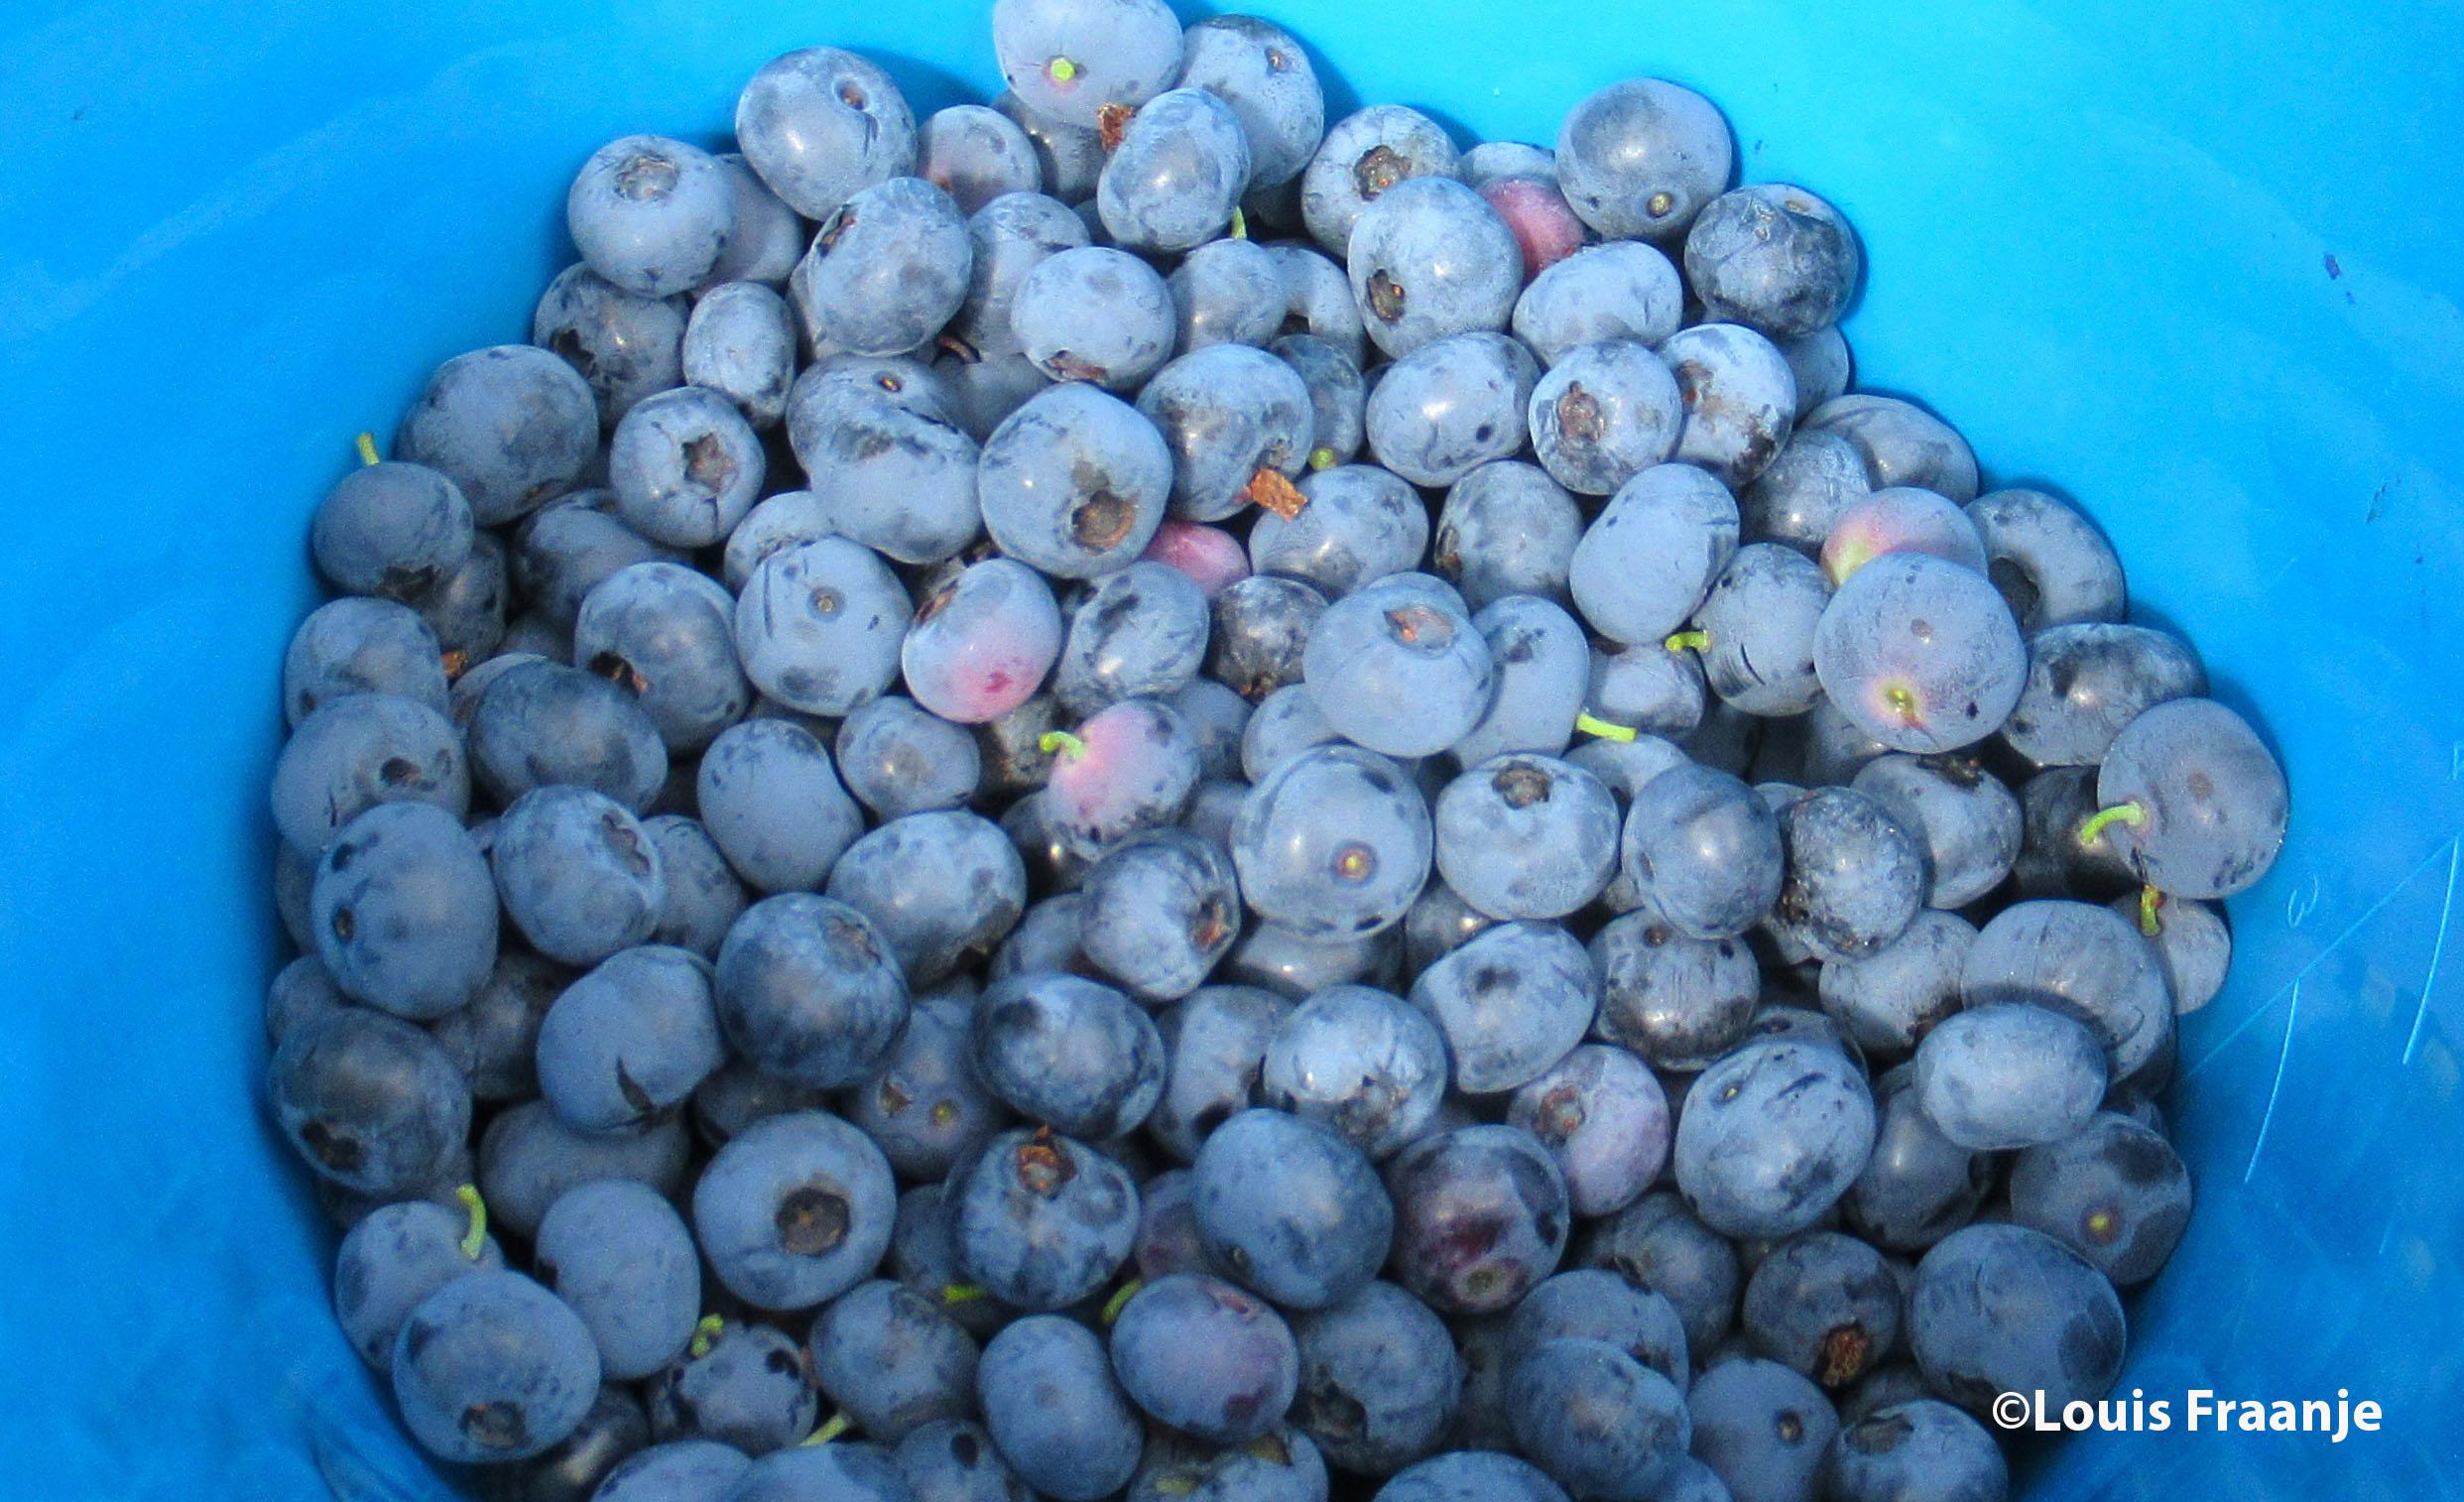 Blauwe bessen zijn super gezond. Uurtje plukken... emmertje vol. Bij elkaar zo'n drie en halve kilo! - Foto: ©Louis Fraanje